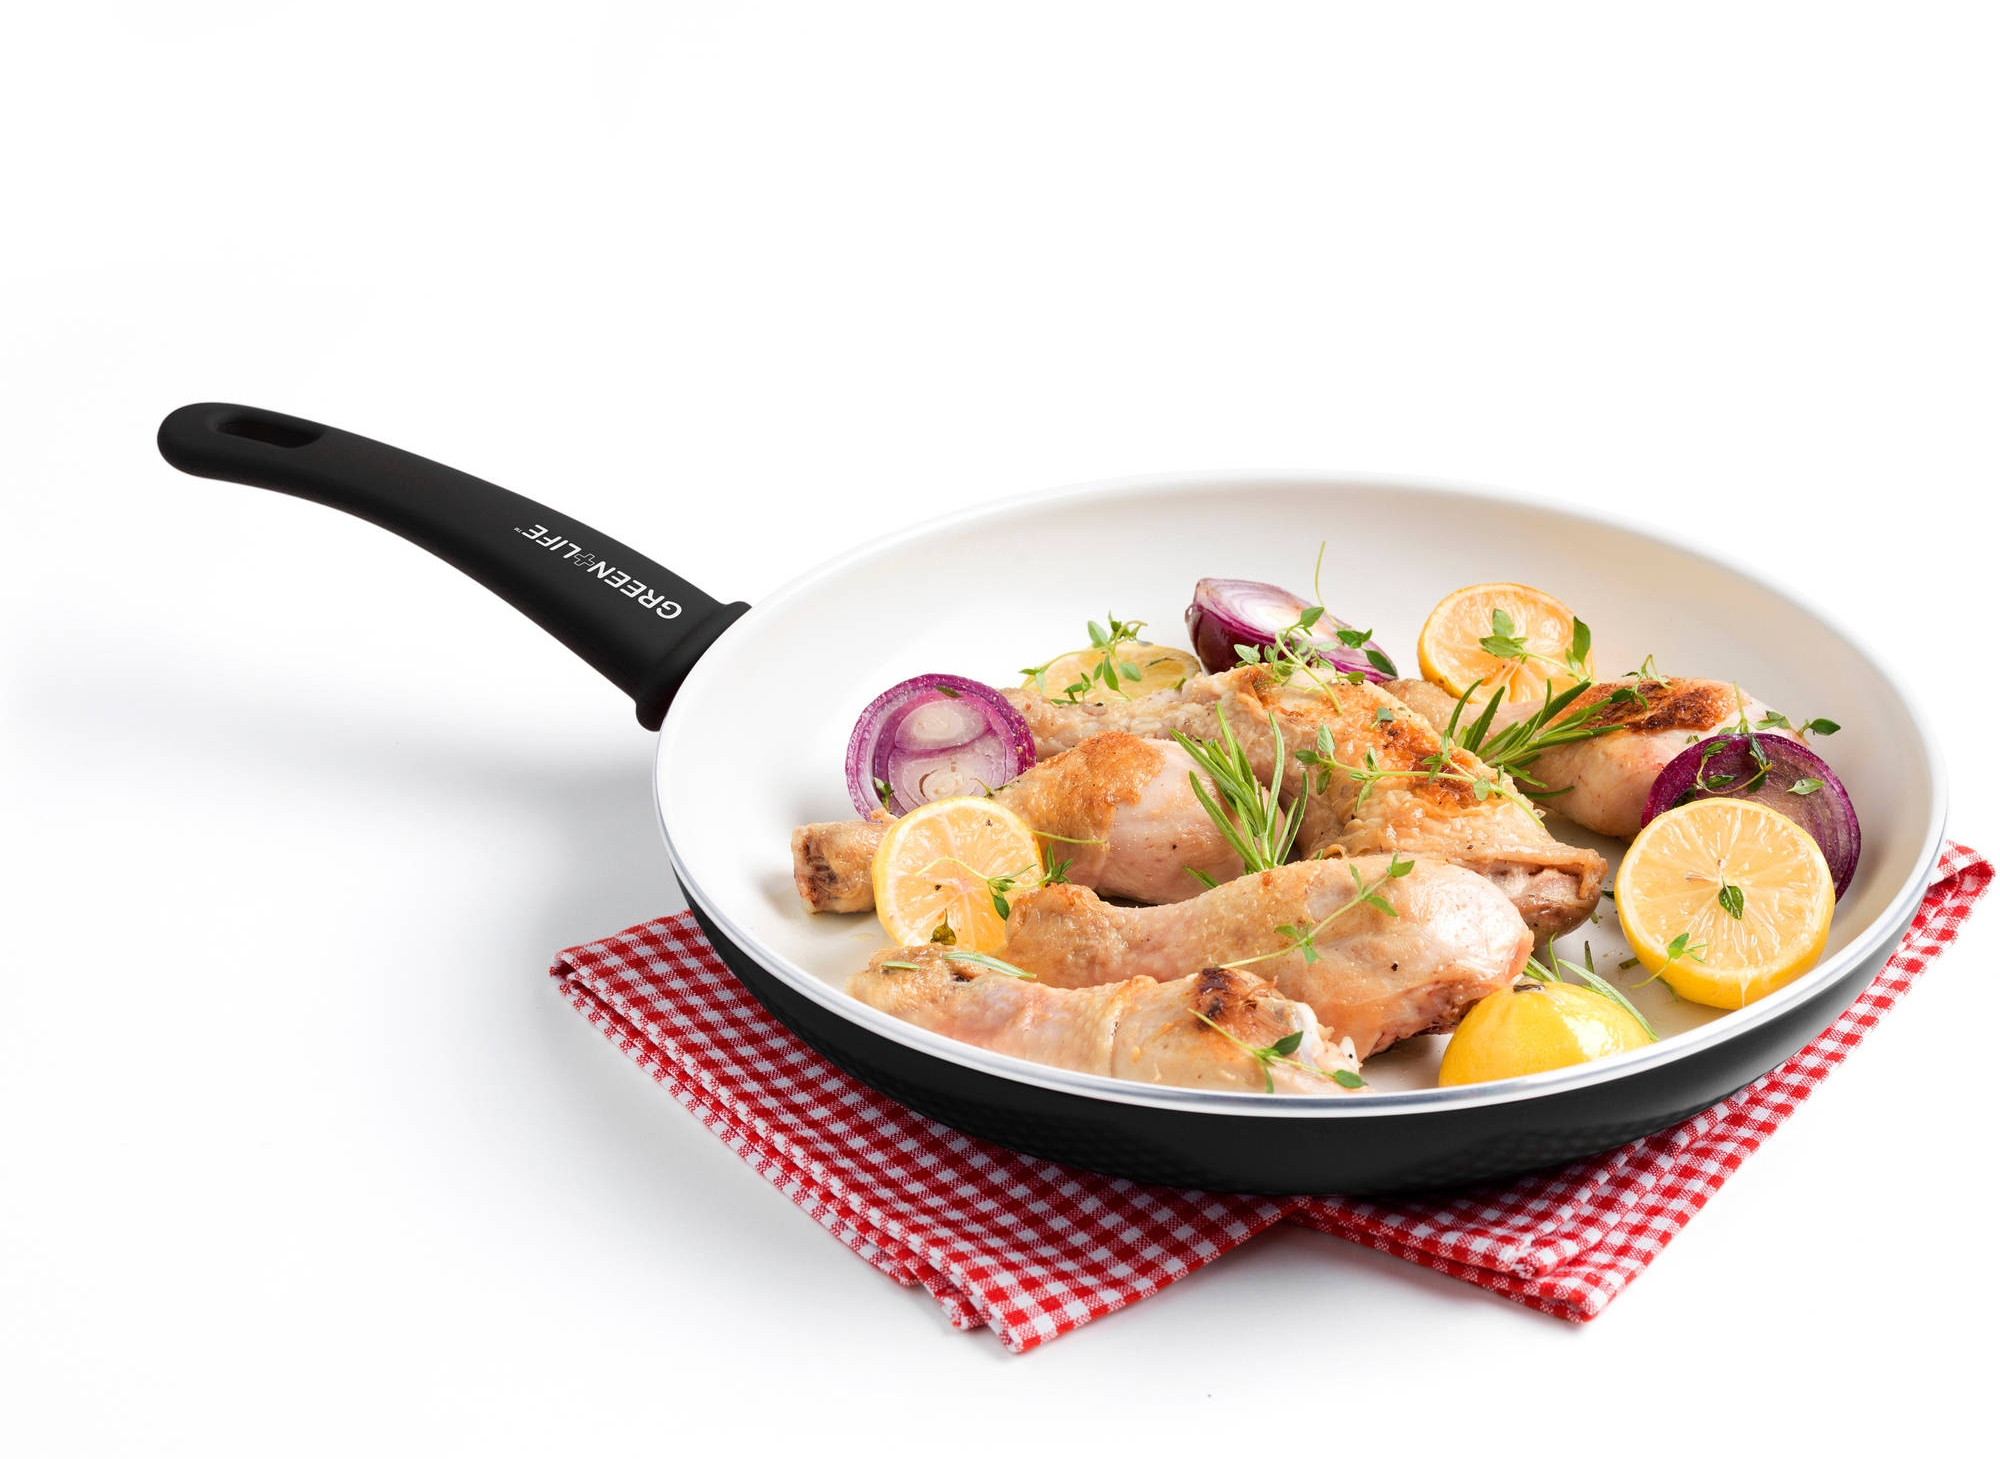 Использование ерамической сковороды